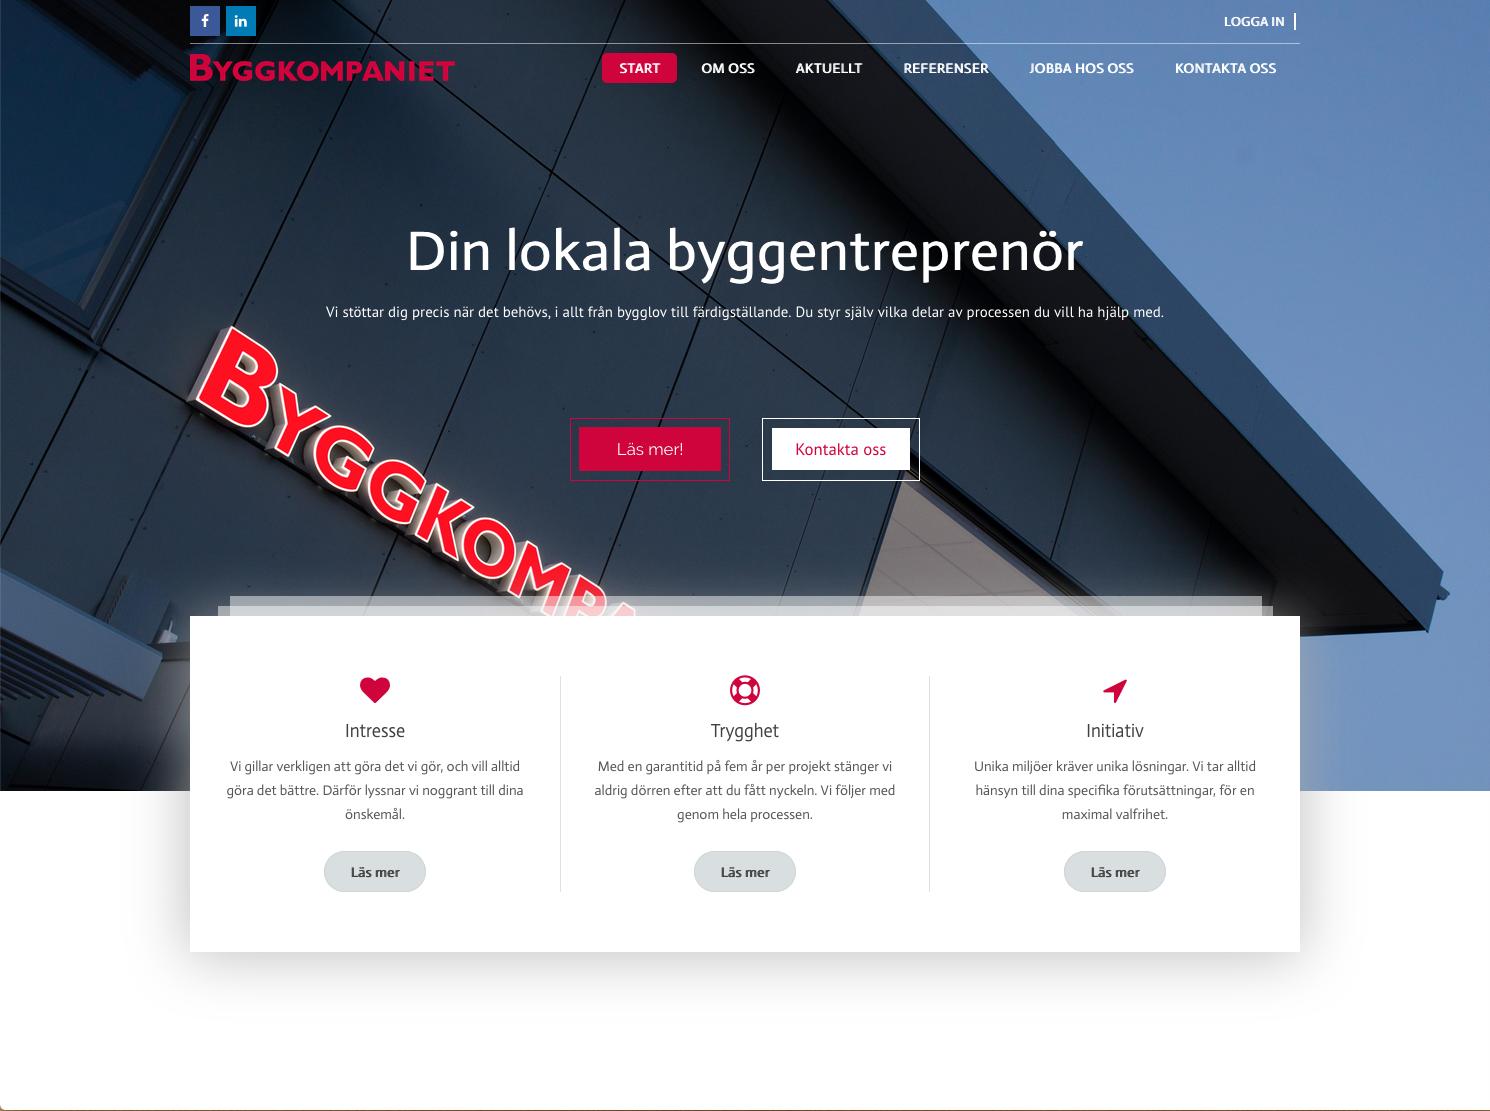 Ny sajt till Byggkompaniet